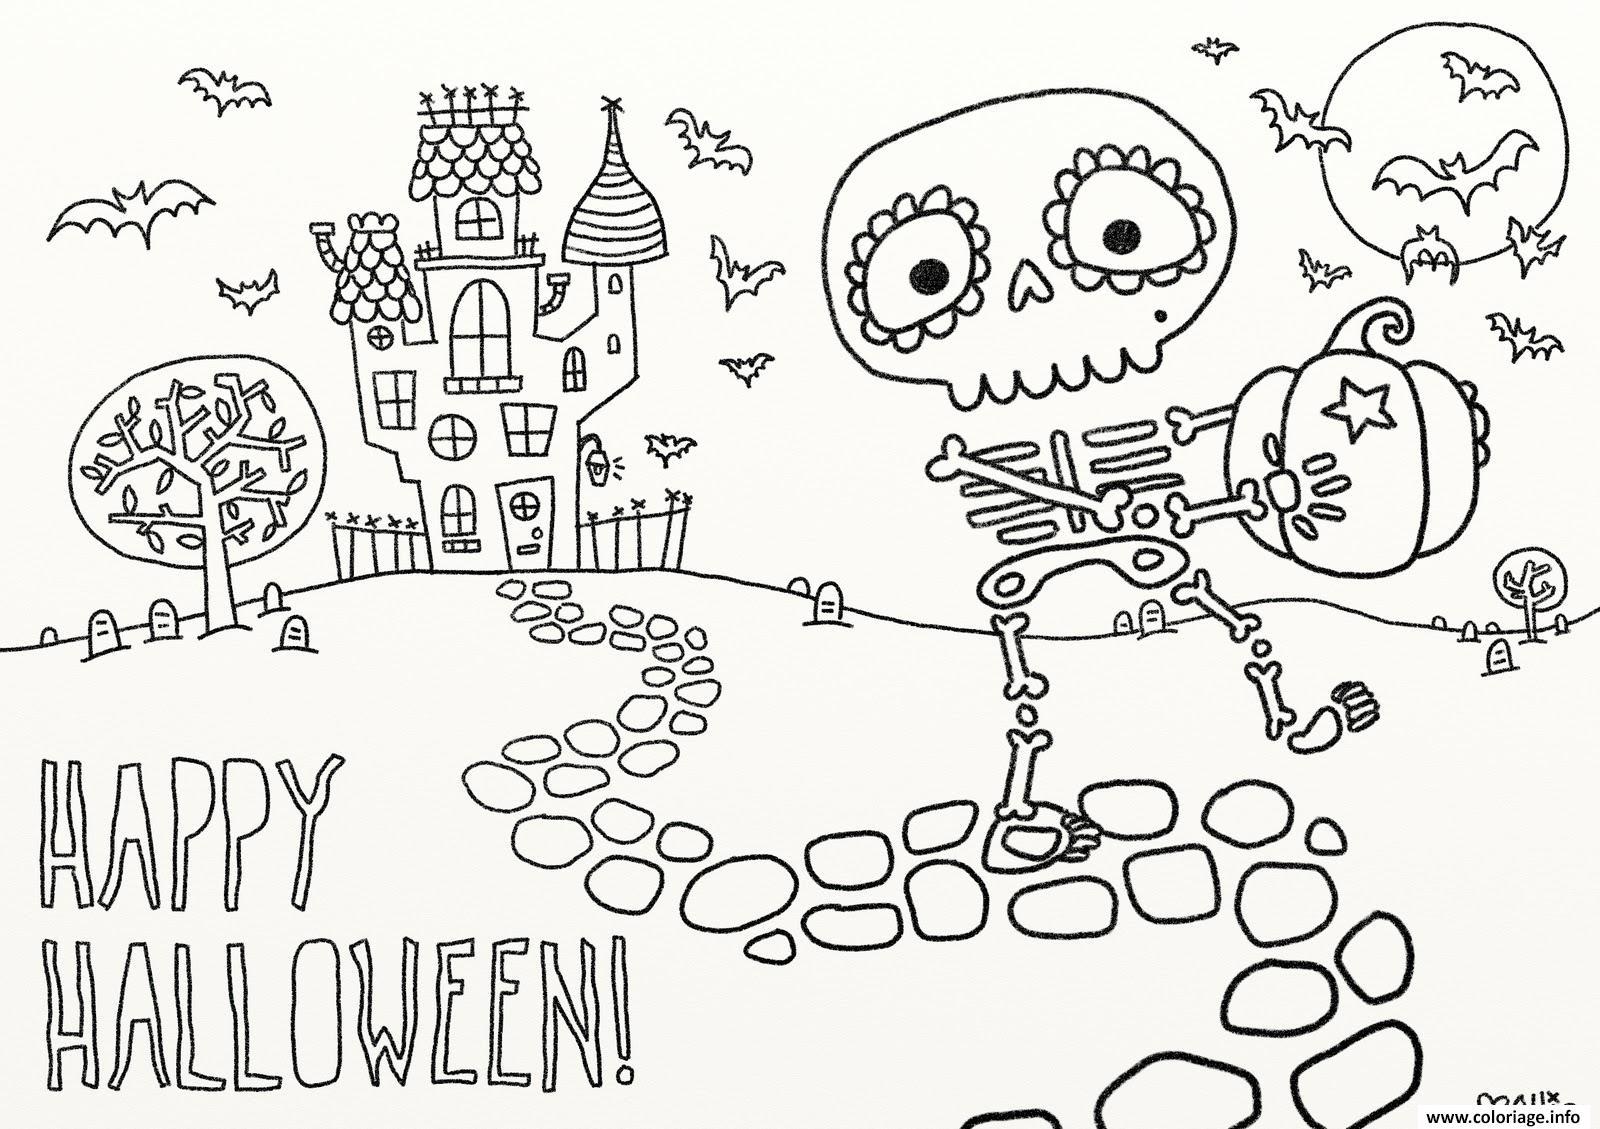 Dessin joyeux halloween Coloriage Gratuit à Imprimer